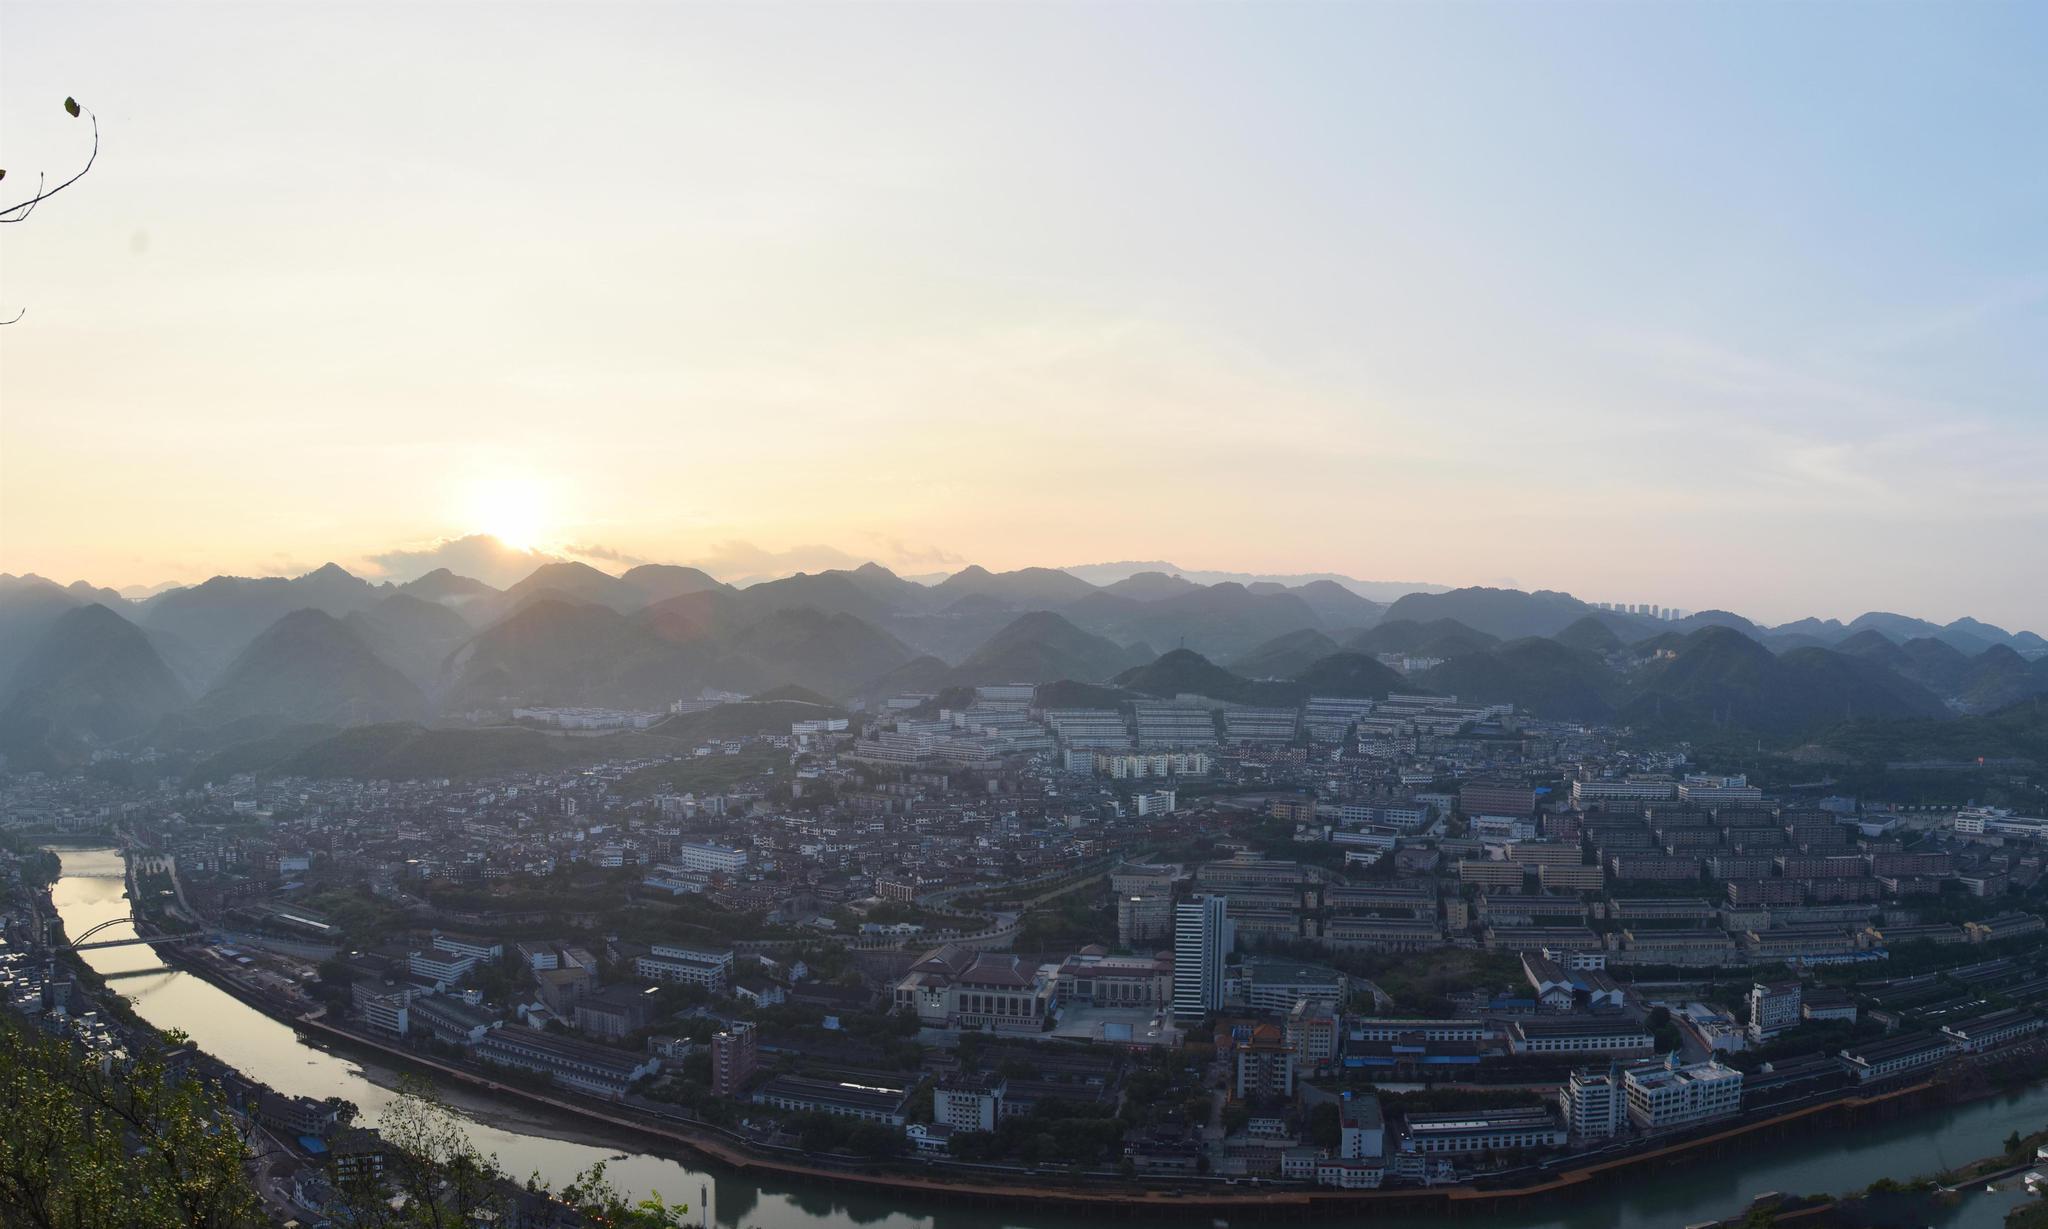 6贵州茅台镇,很多慕名前来游玩的朋友都会带上点酱香酒回家品尝